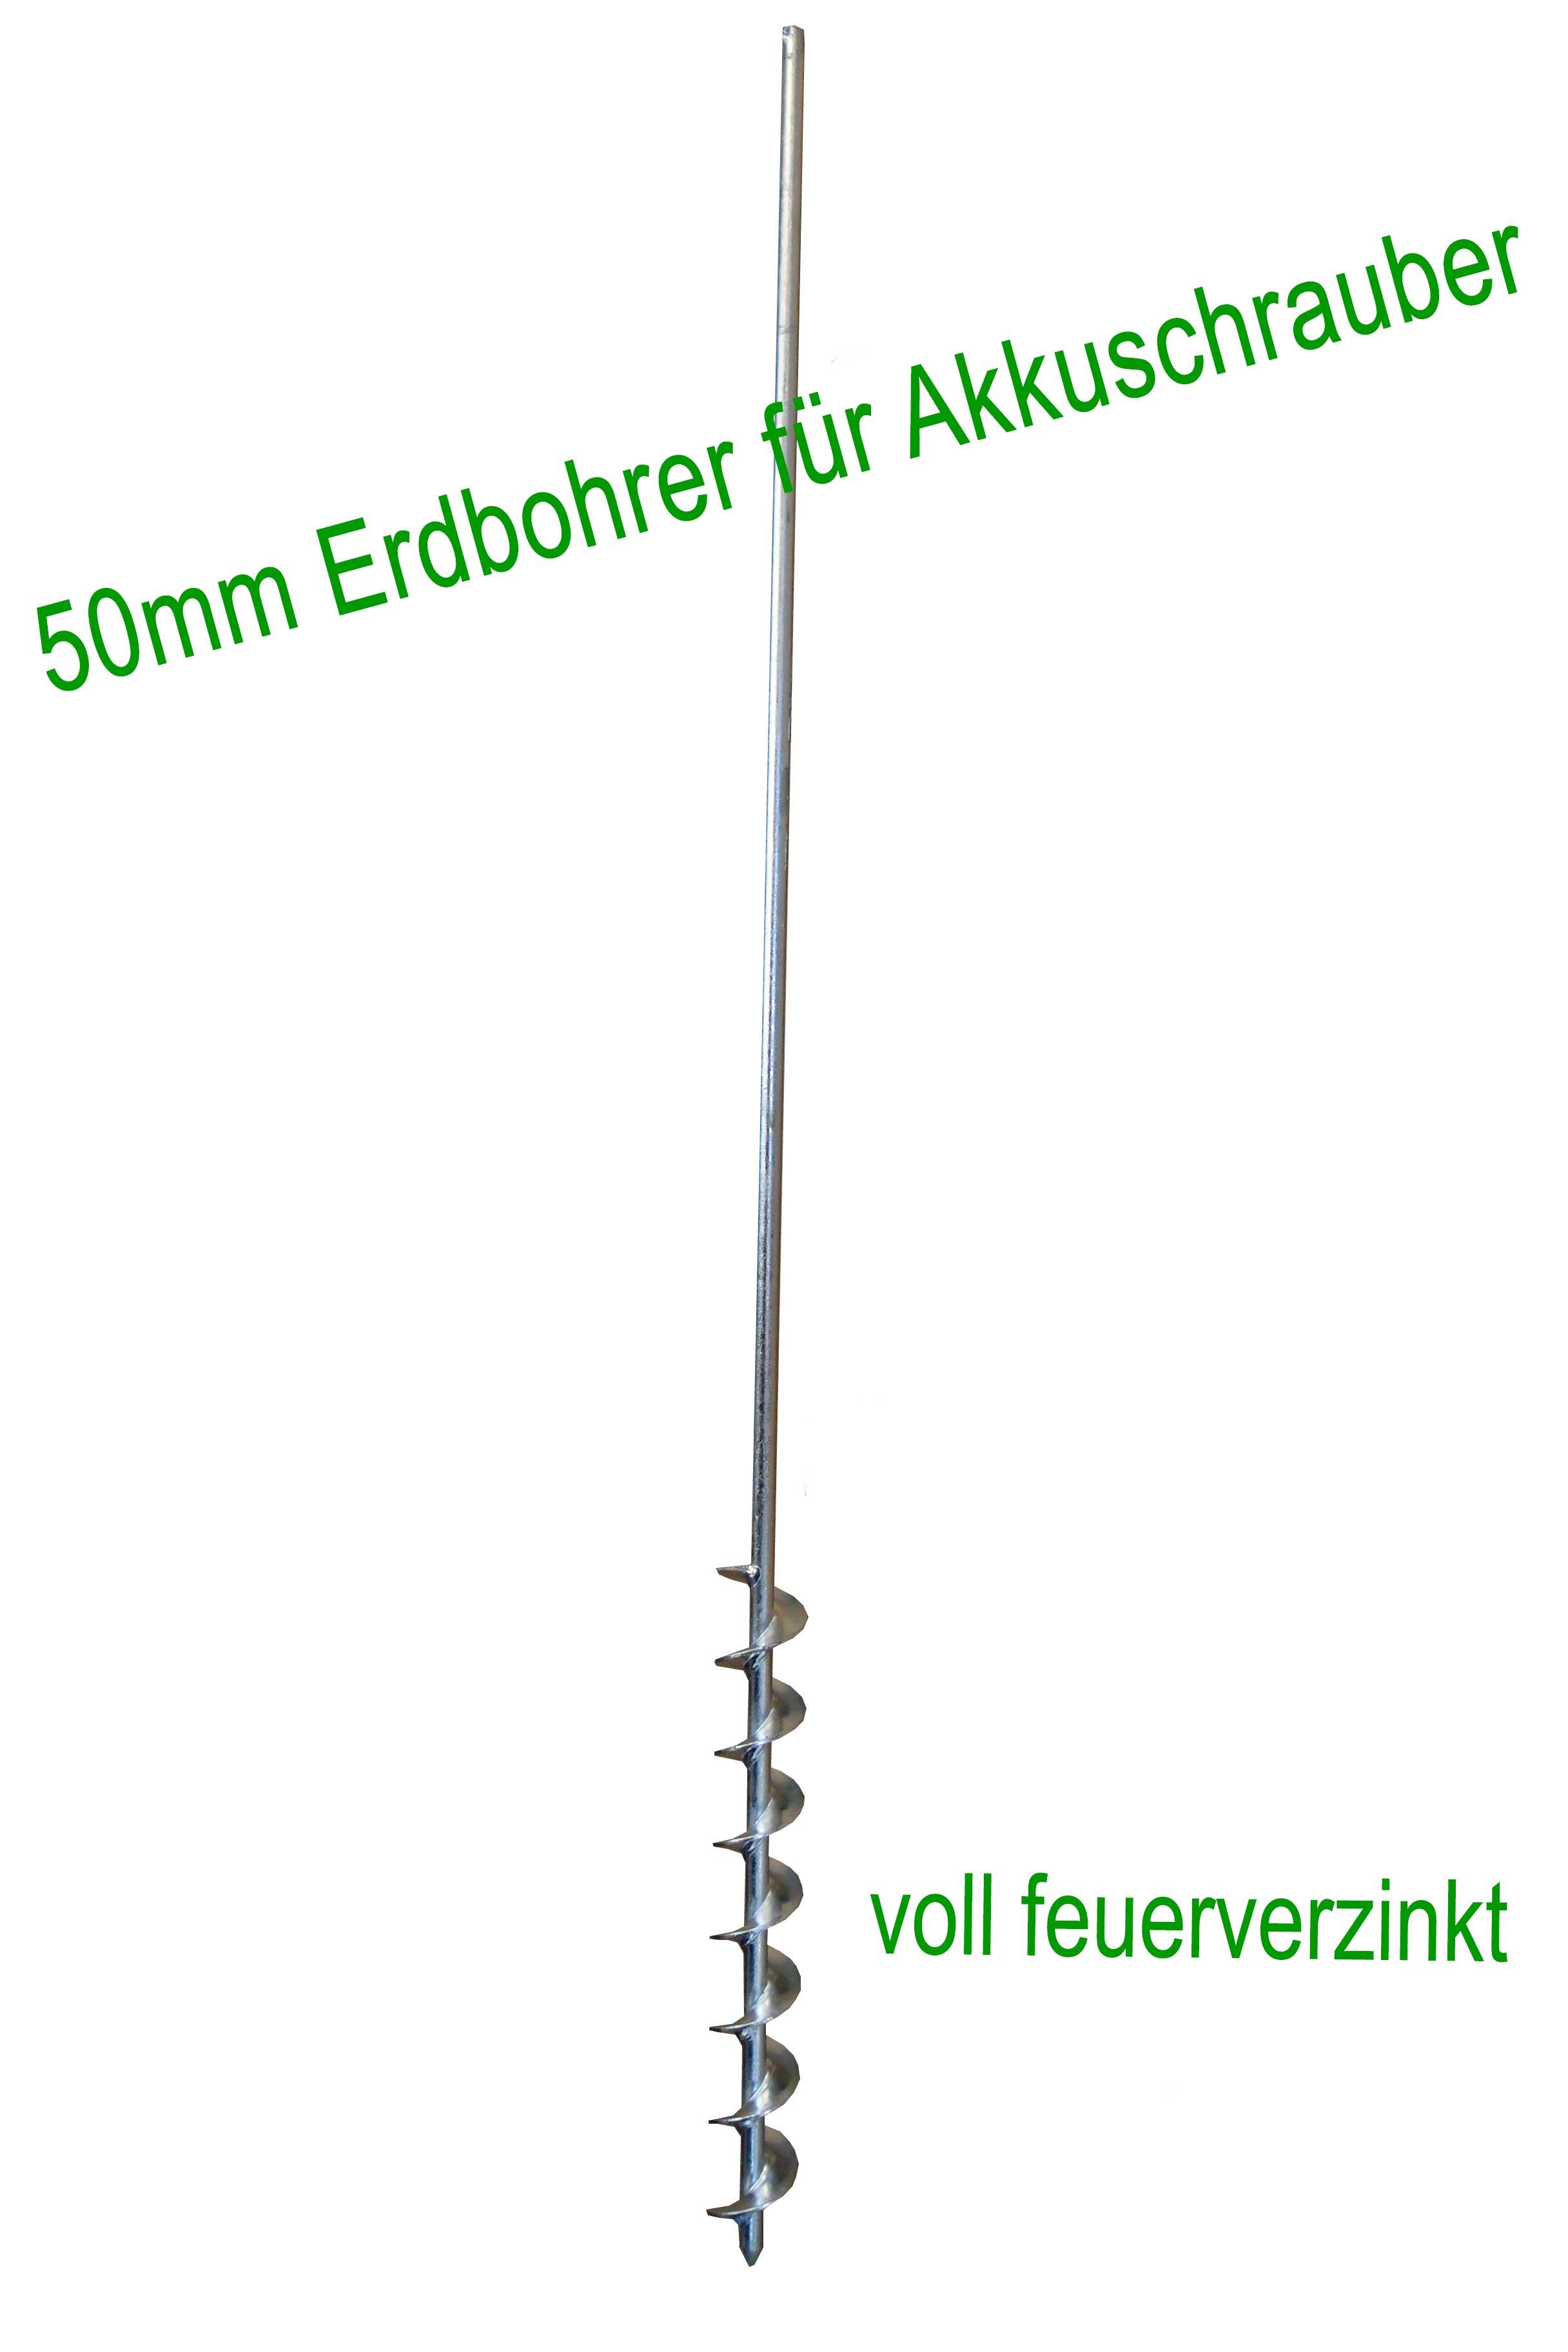 Erdbohrer 50 mm 5 cm - 1m für Akkuschrauber